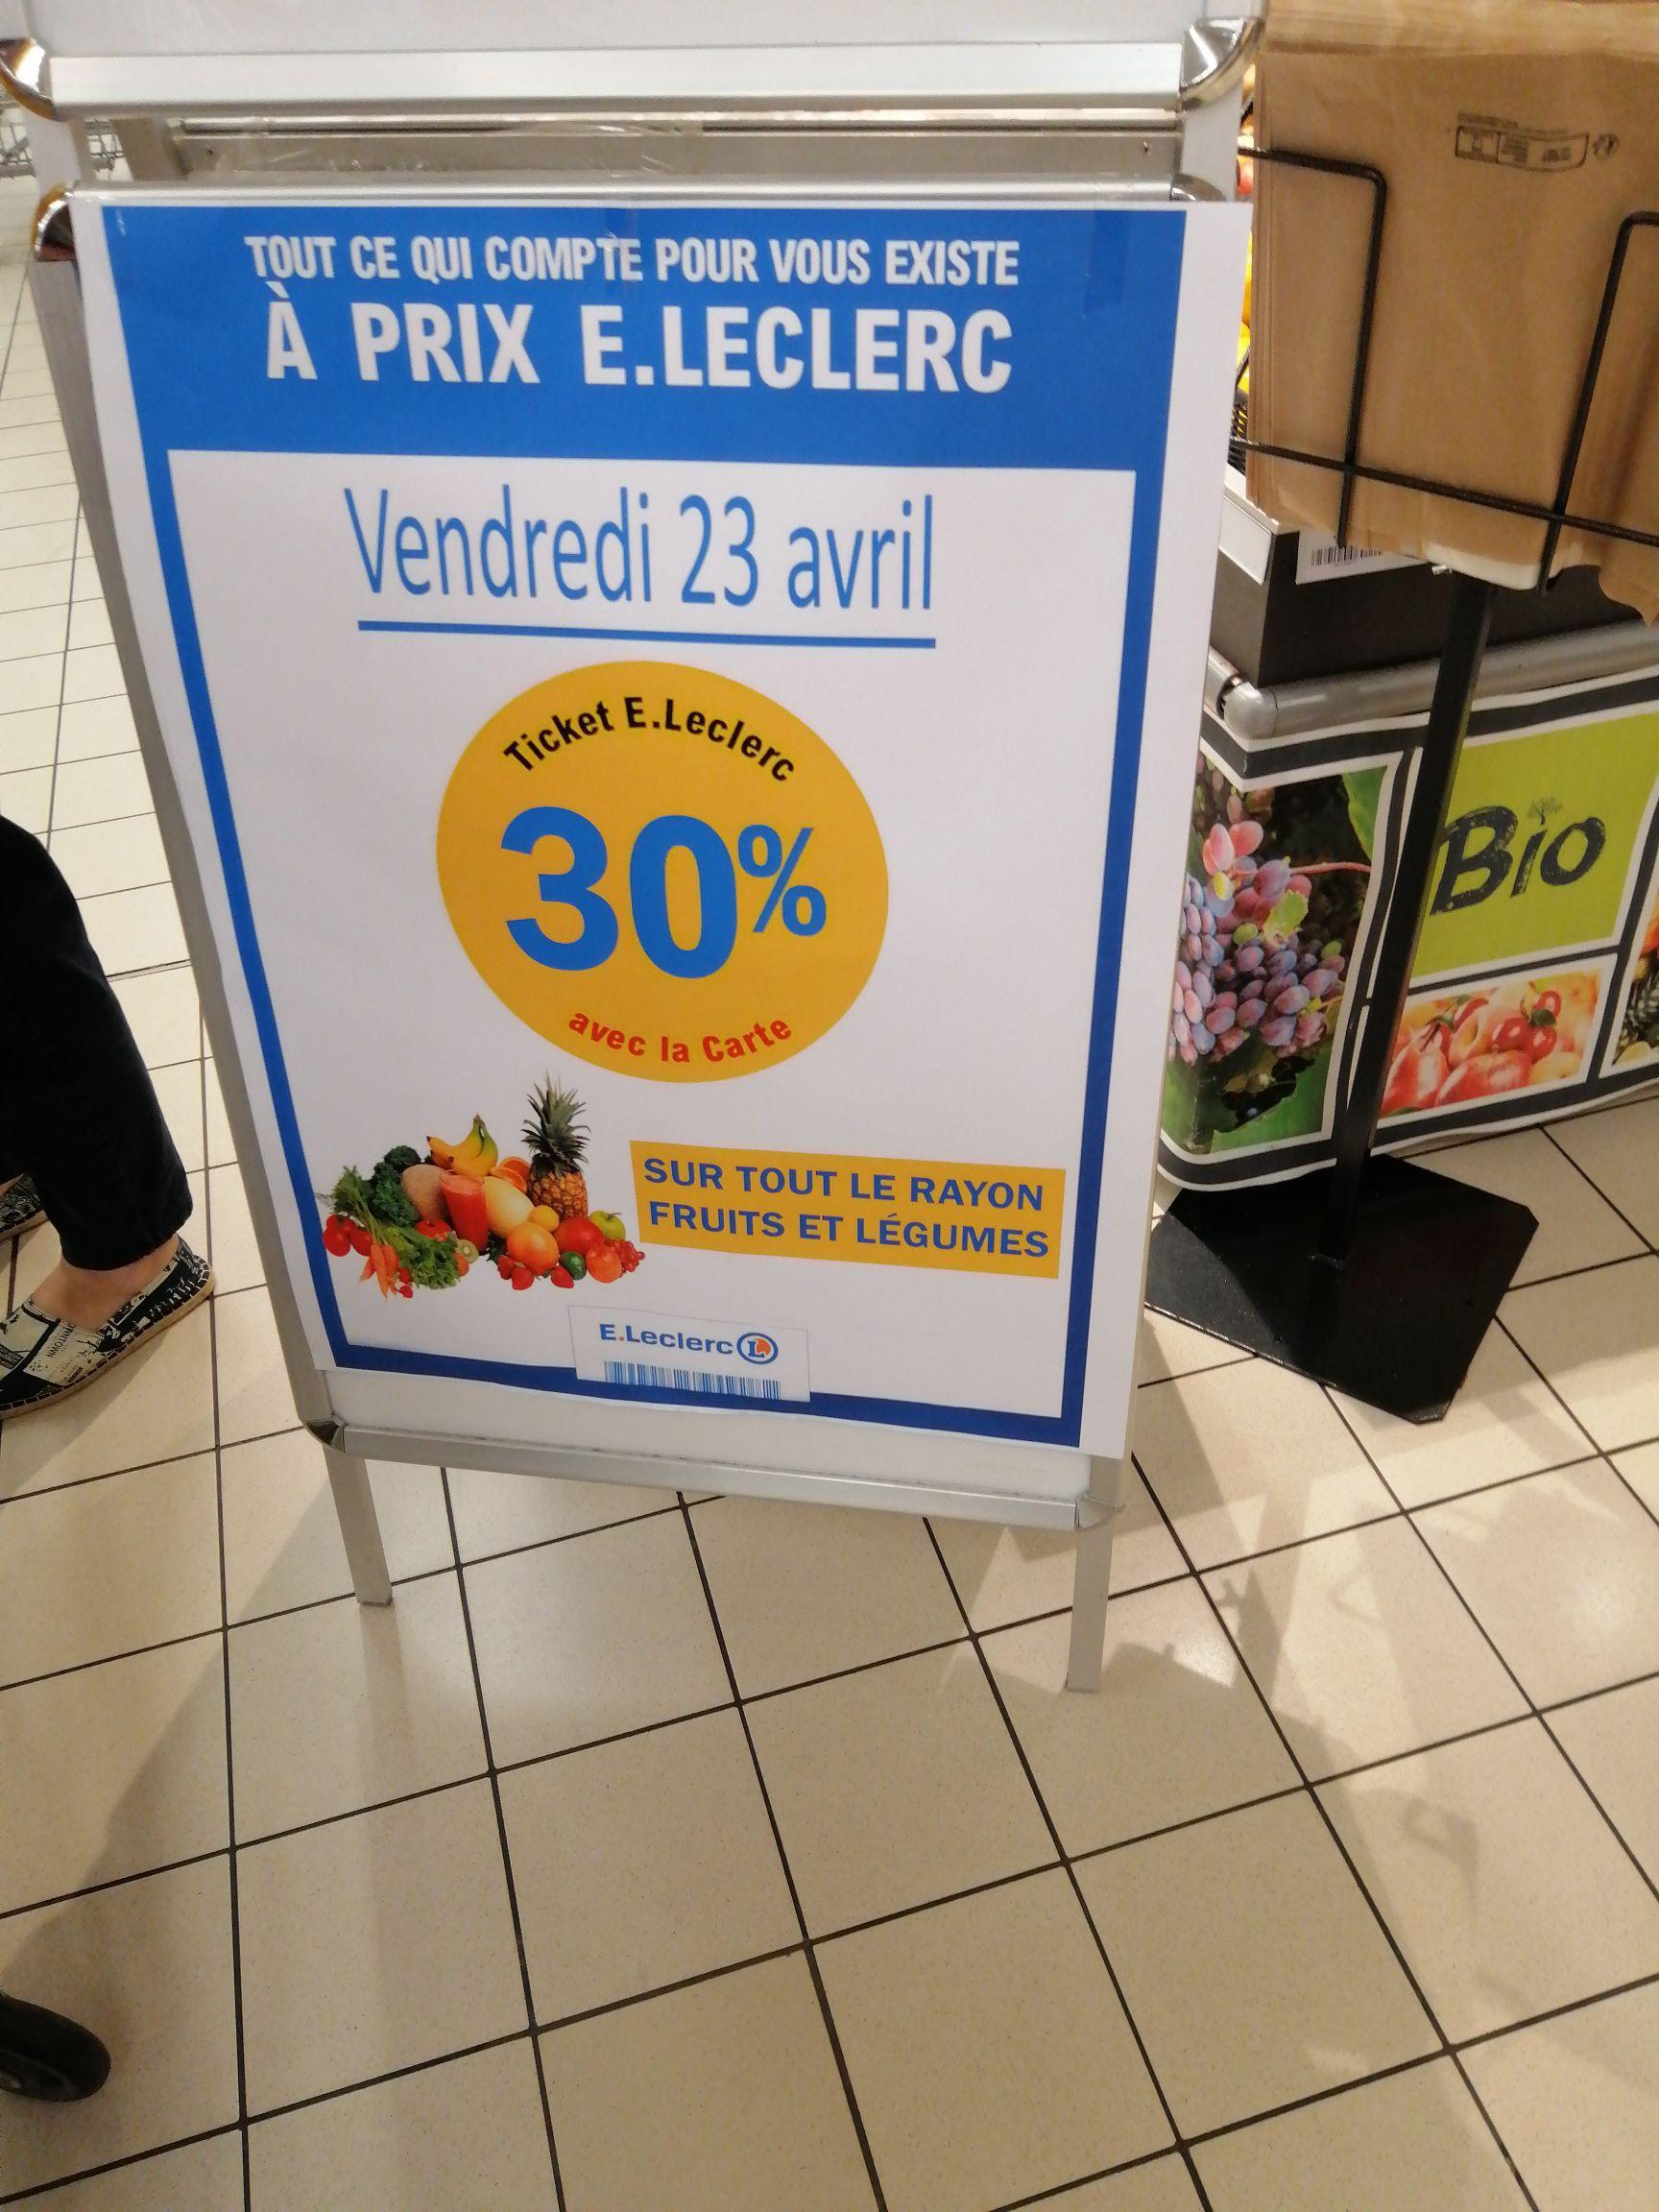 30% offerts sur la carte sur le rayon fruits et légumes - Clisson (44)